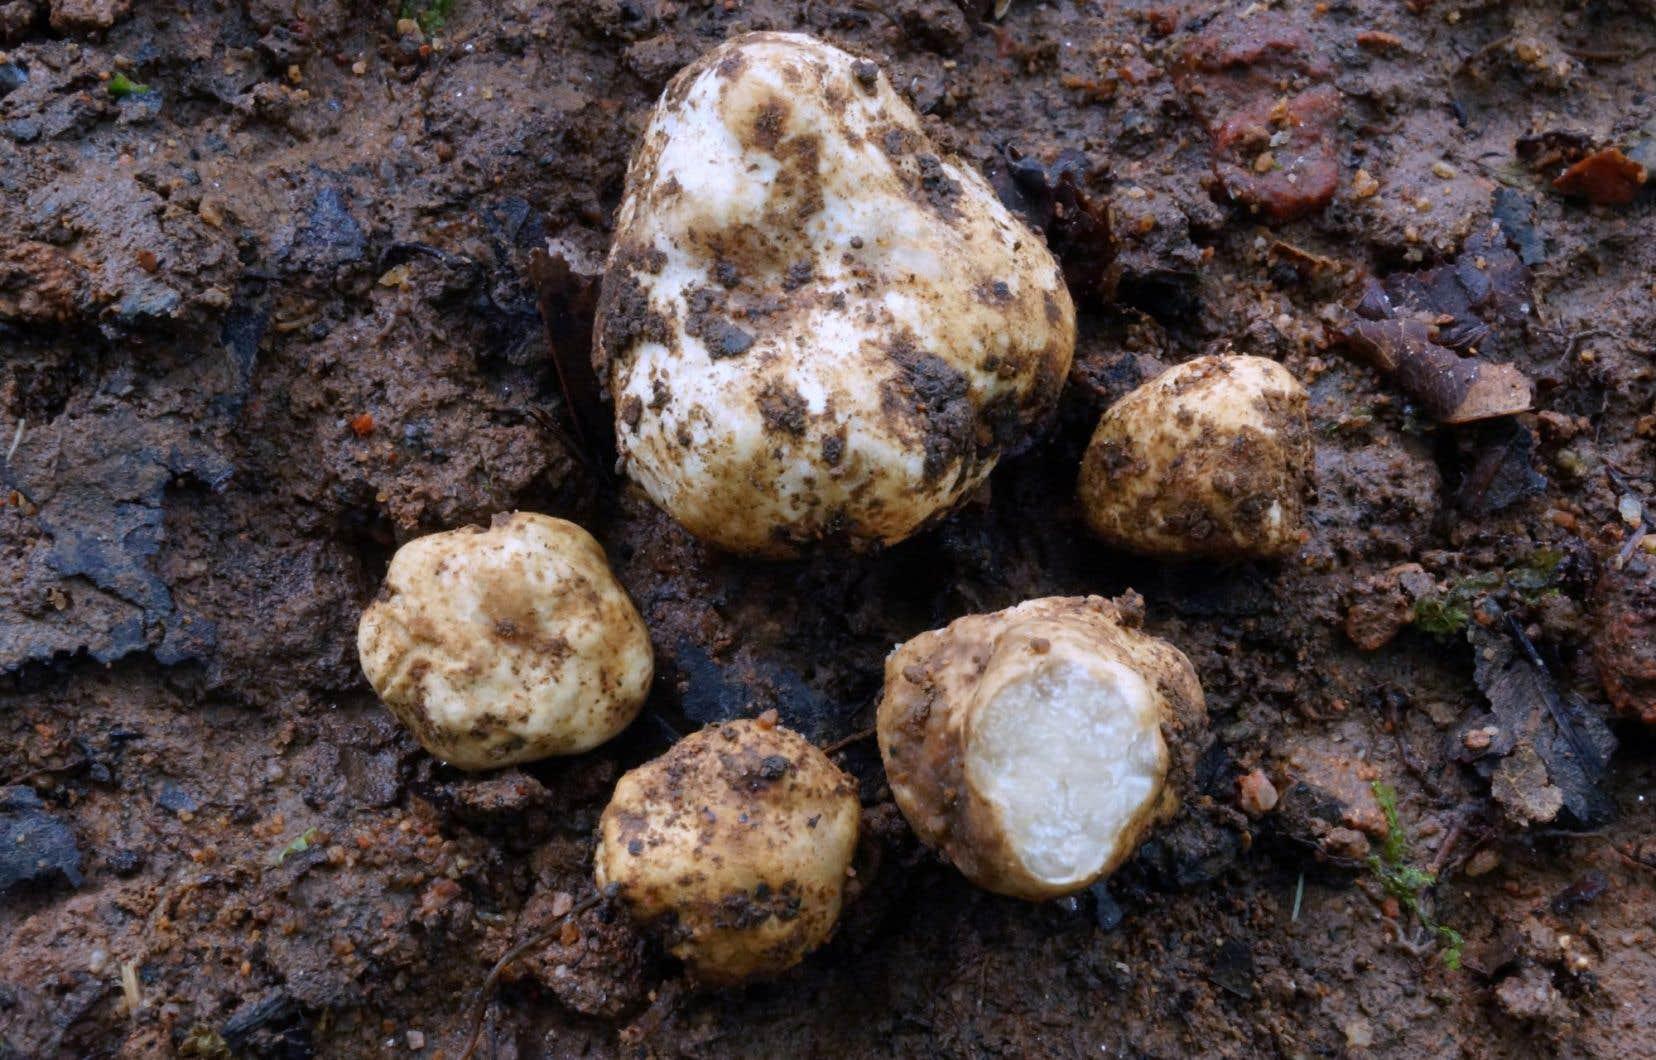 La première espèce de truffe, blanche, découverte dès 2014, a enfin été répertoriée sous le nom «thailanddicum».